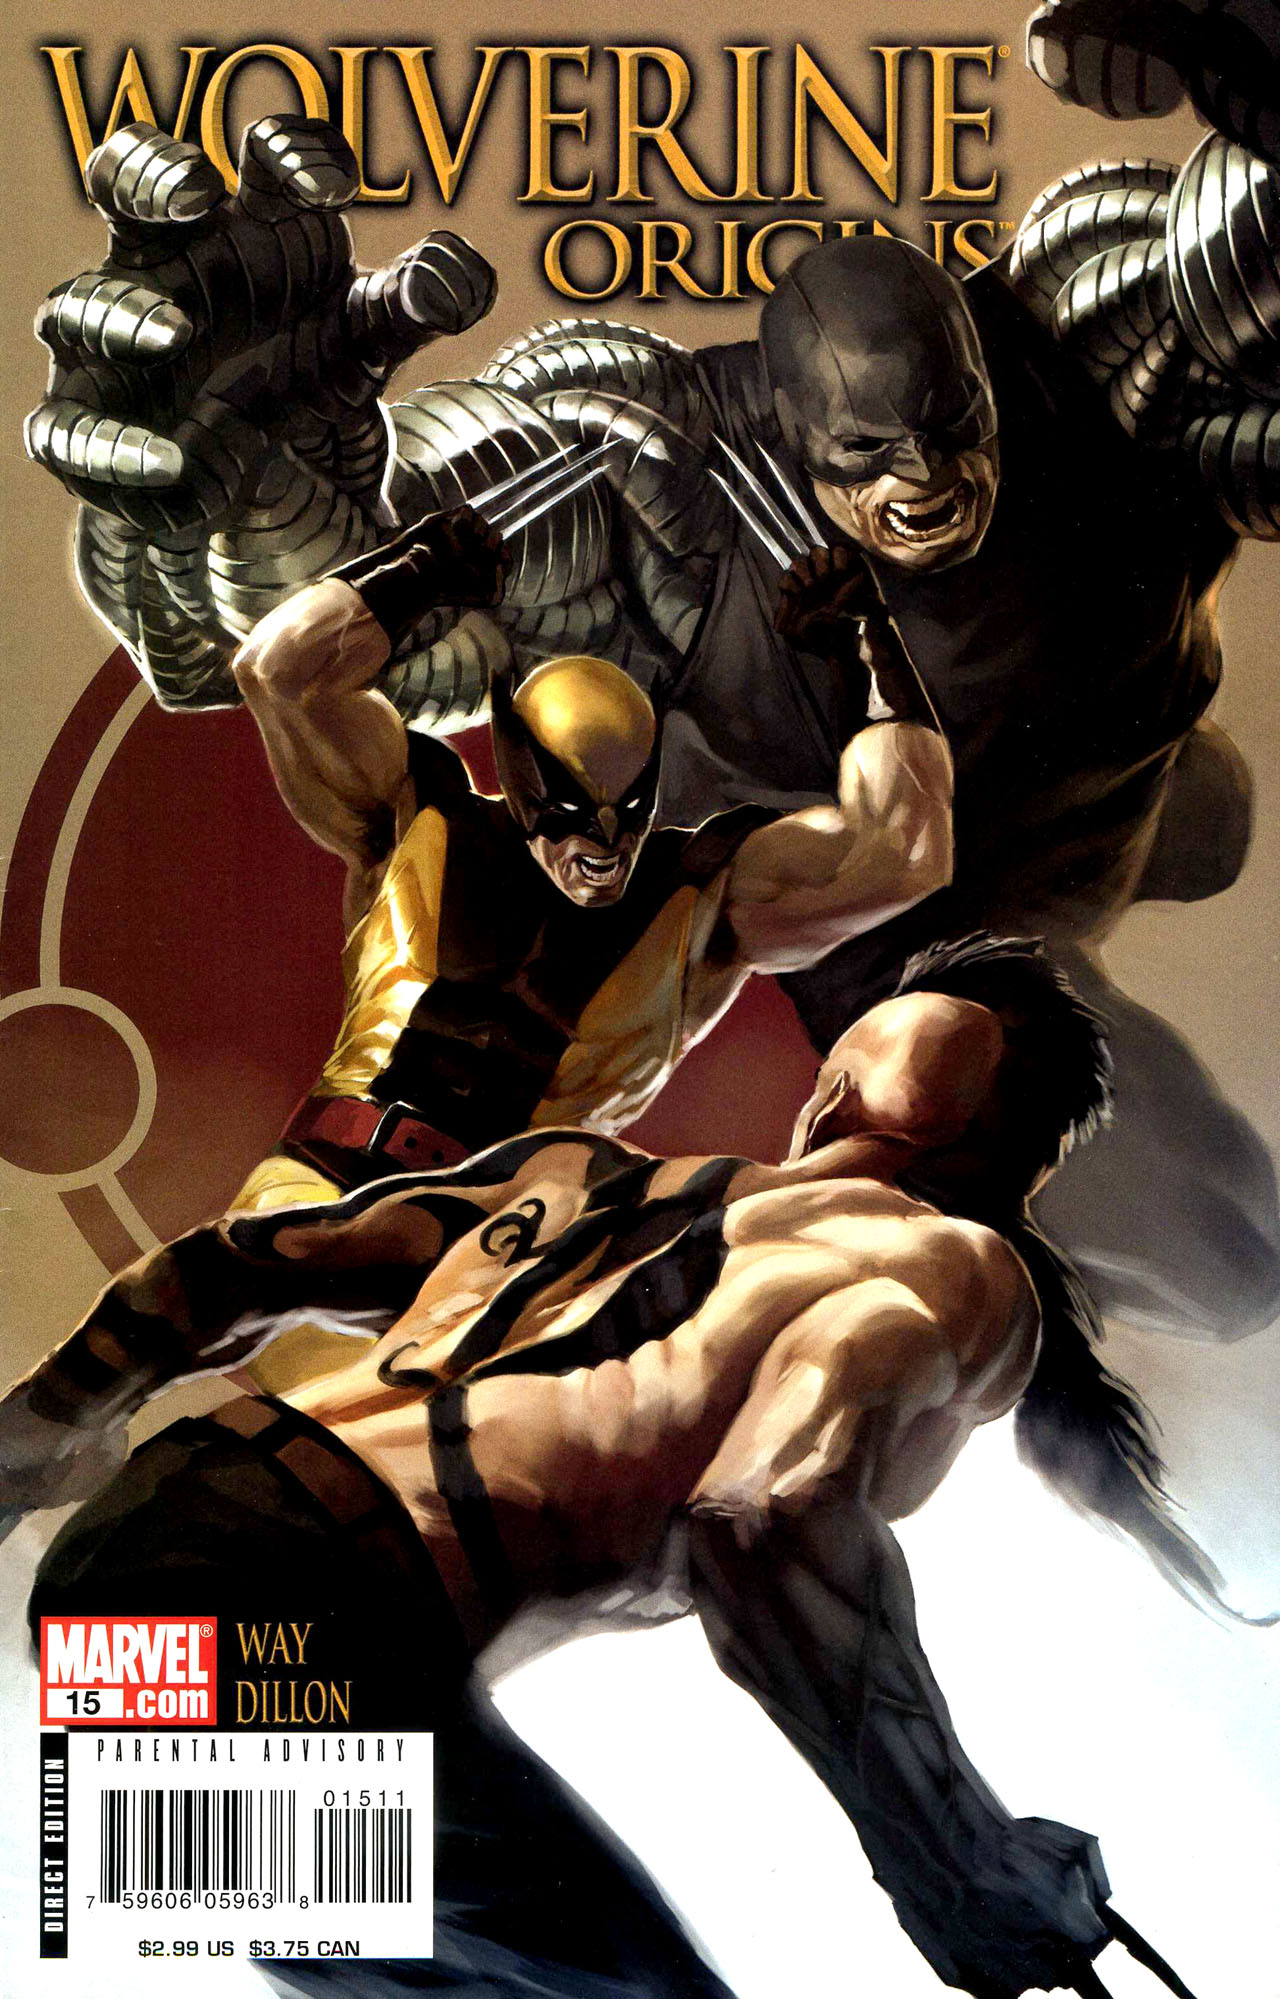 Read online Wolverine: Origins comic -  Issue #15 - 1